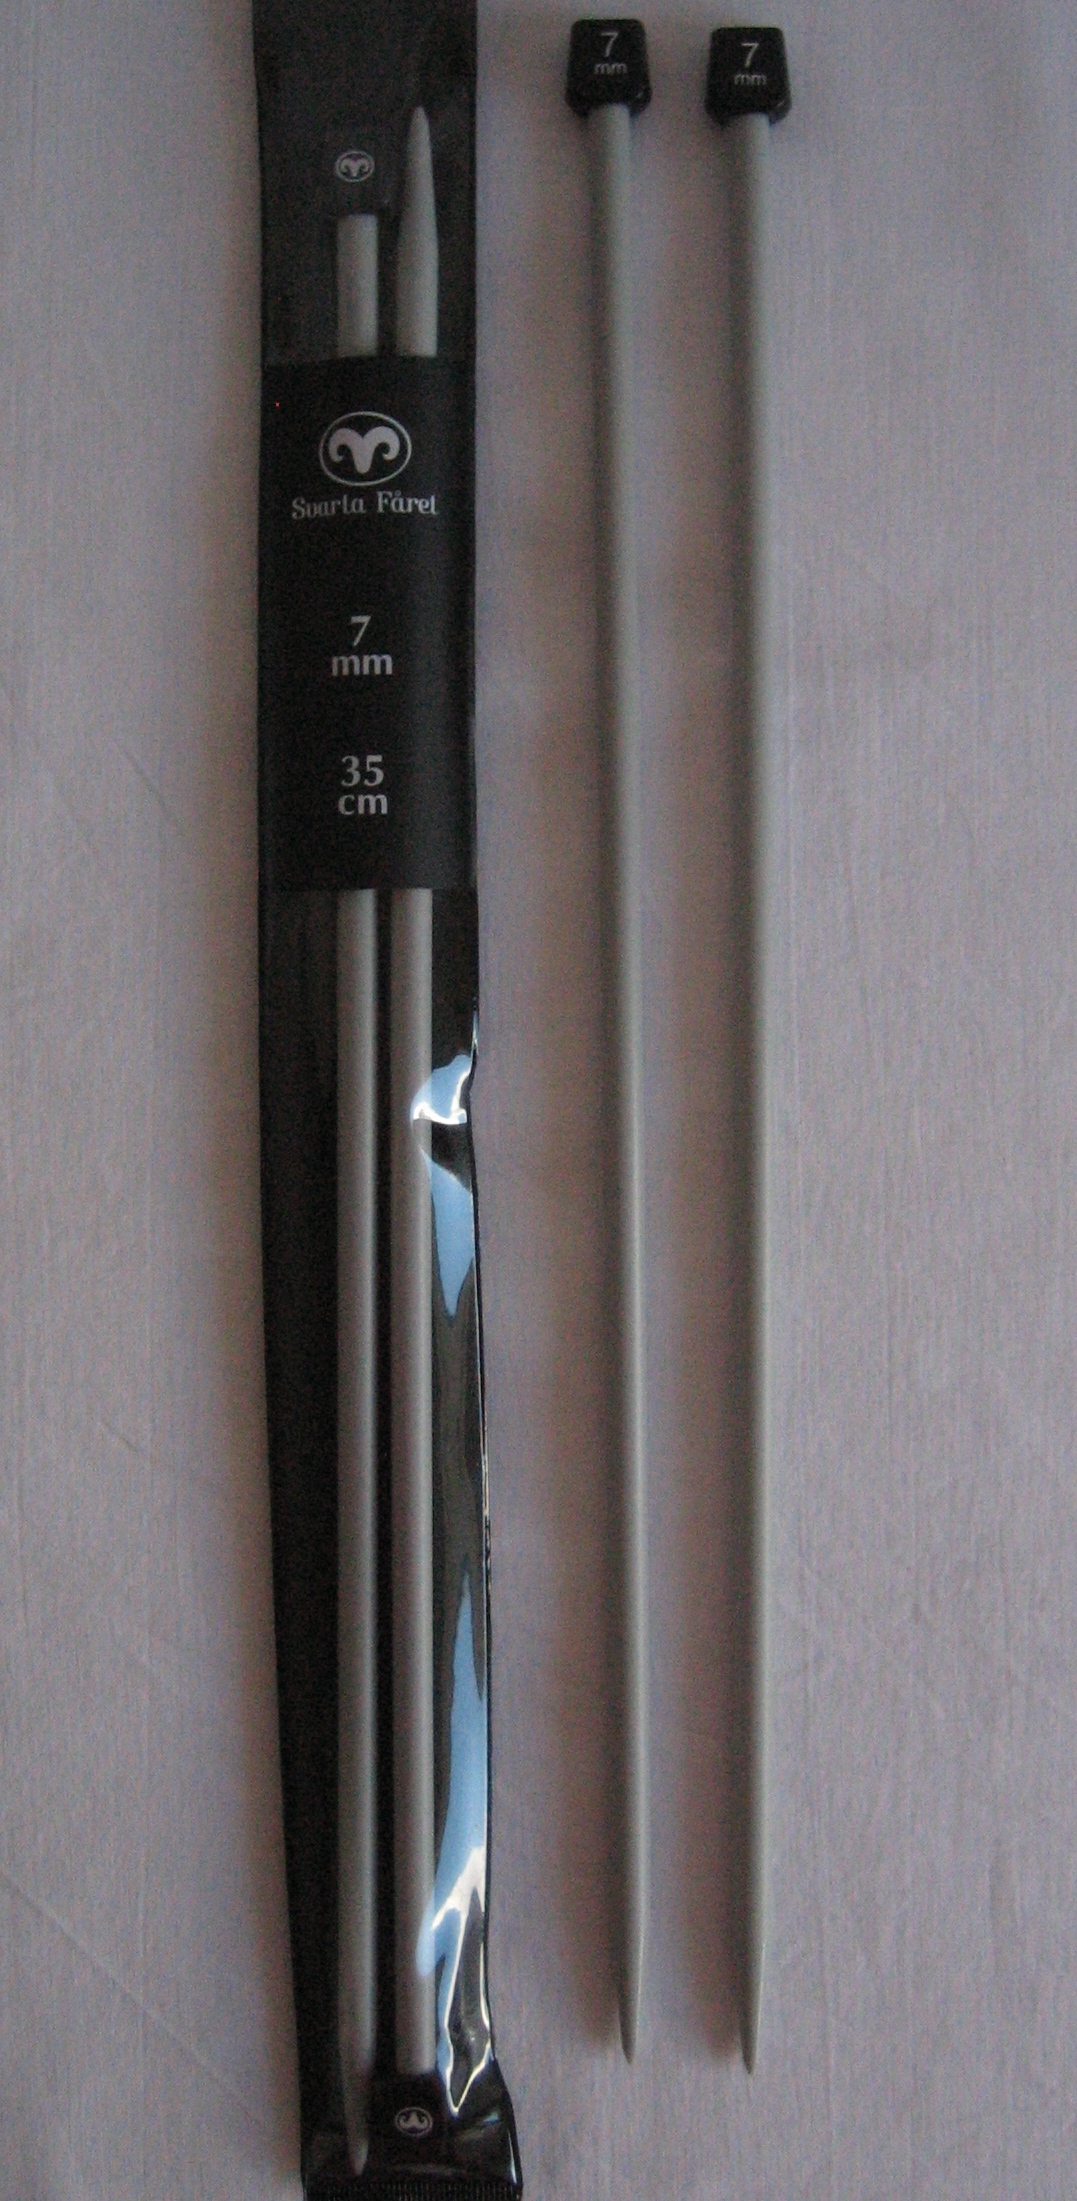 svartafaaret-plast-jumperpinde-35cm-7mm